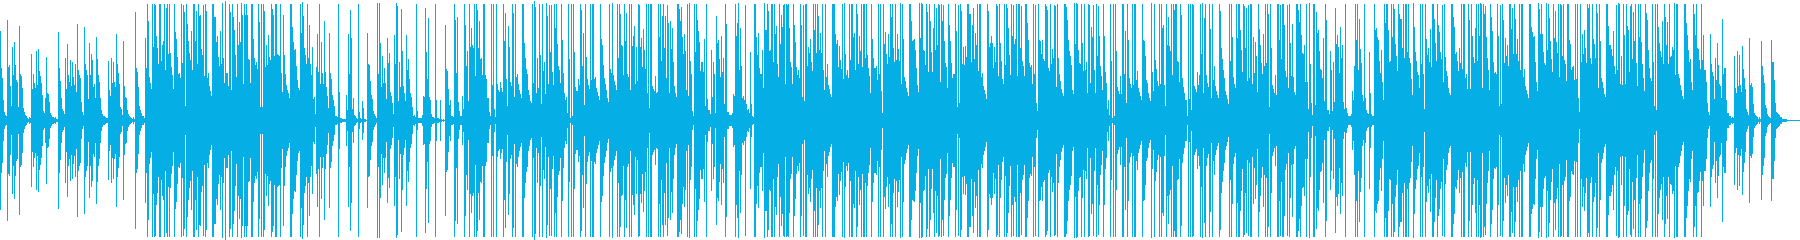 チル おしゃれ ヒップホップの再生済みの波形